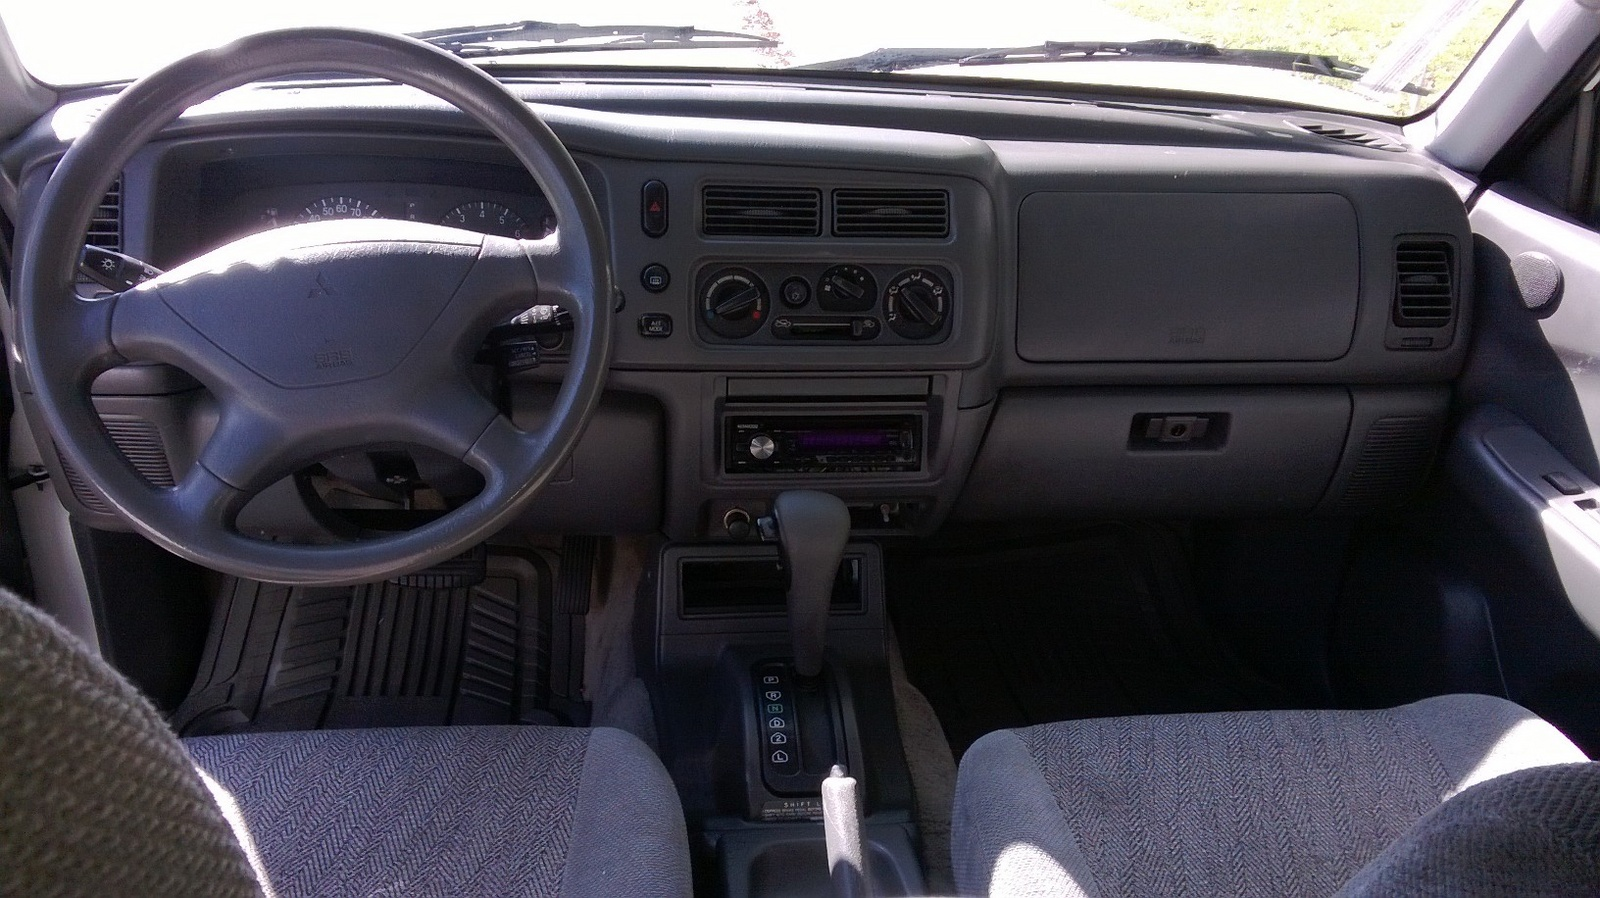 2003 mitsubishi montero interior mitsubishi montero sport for Mitsubishi montero interior